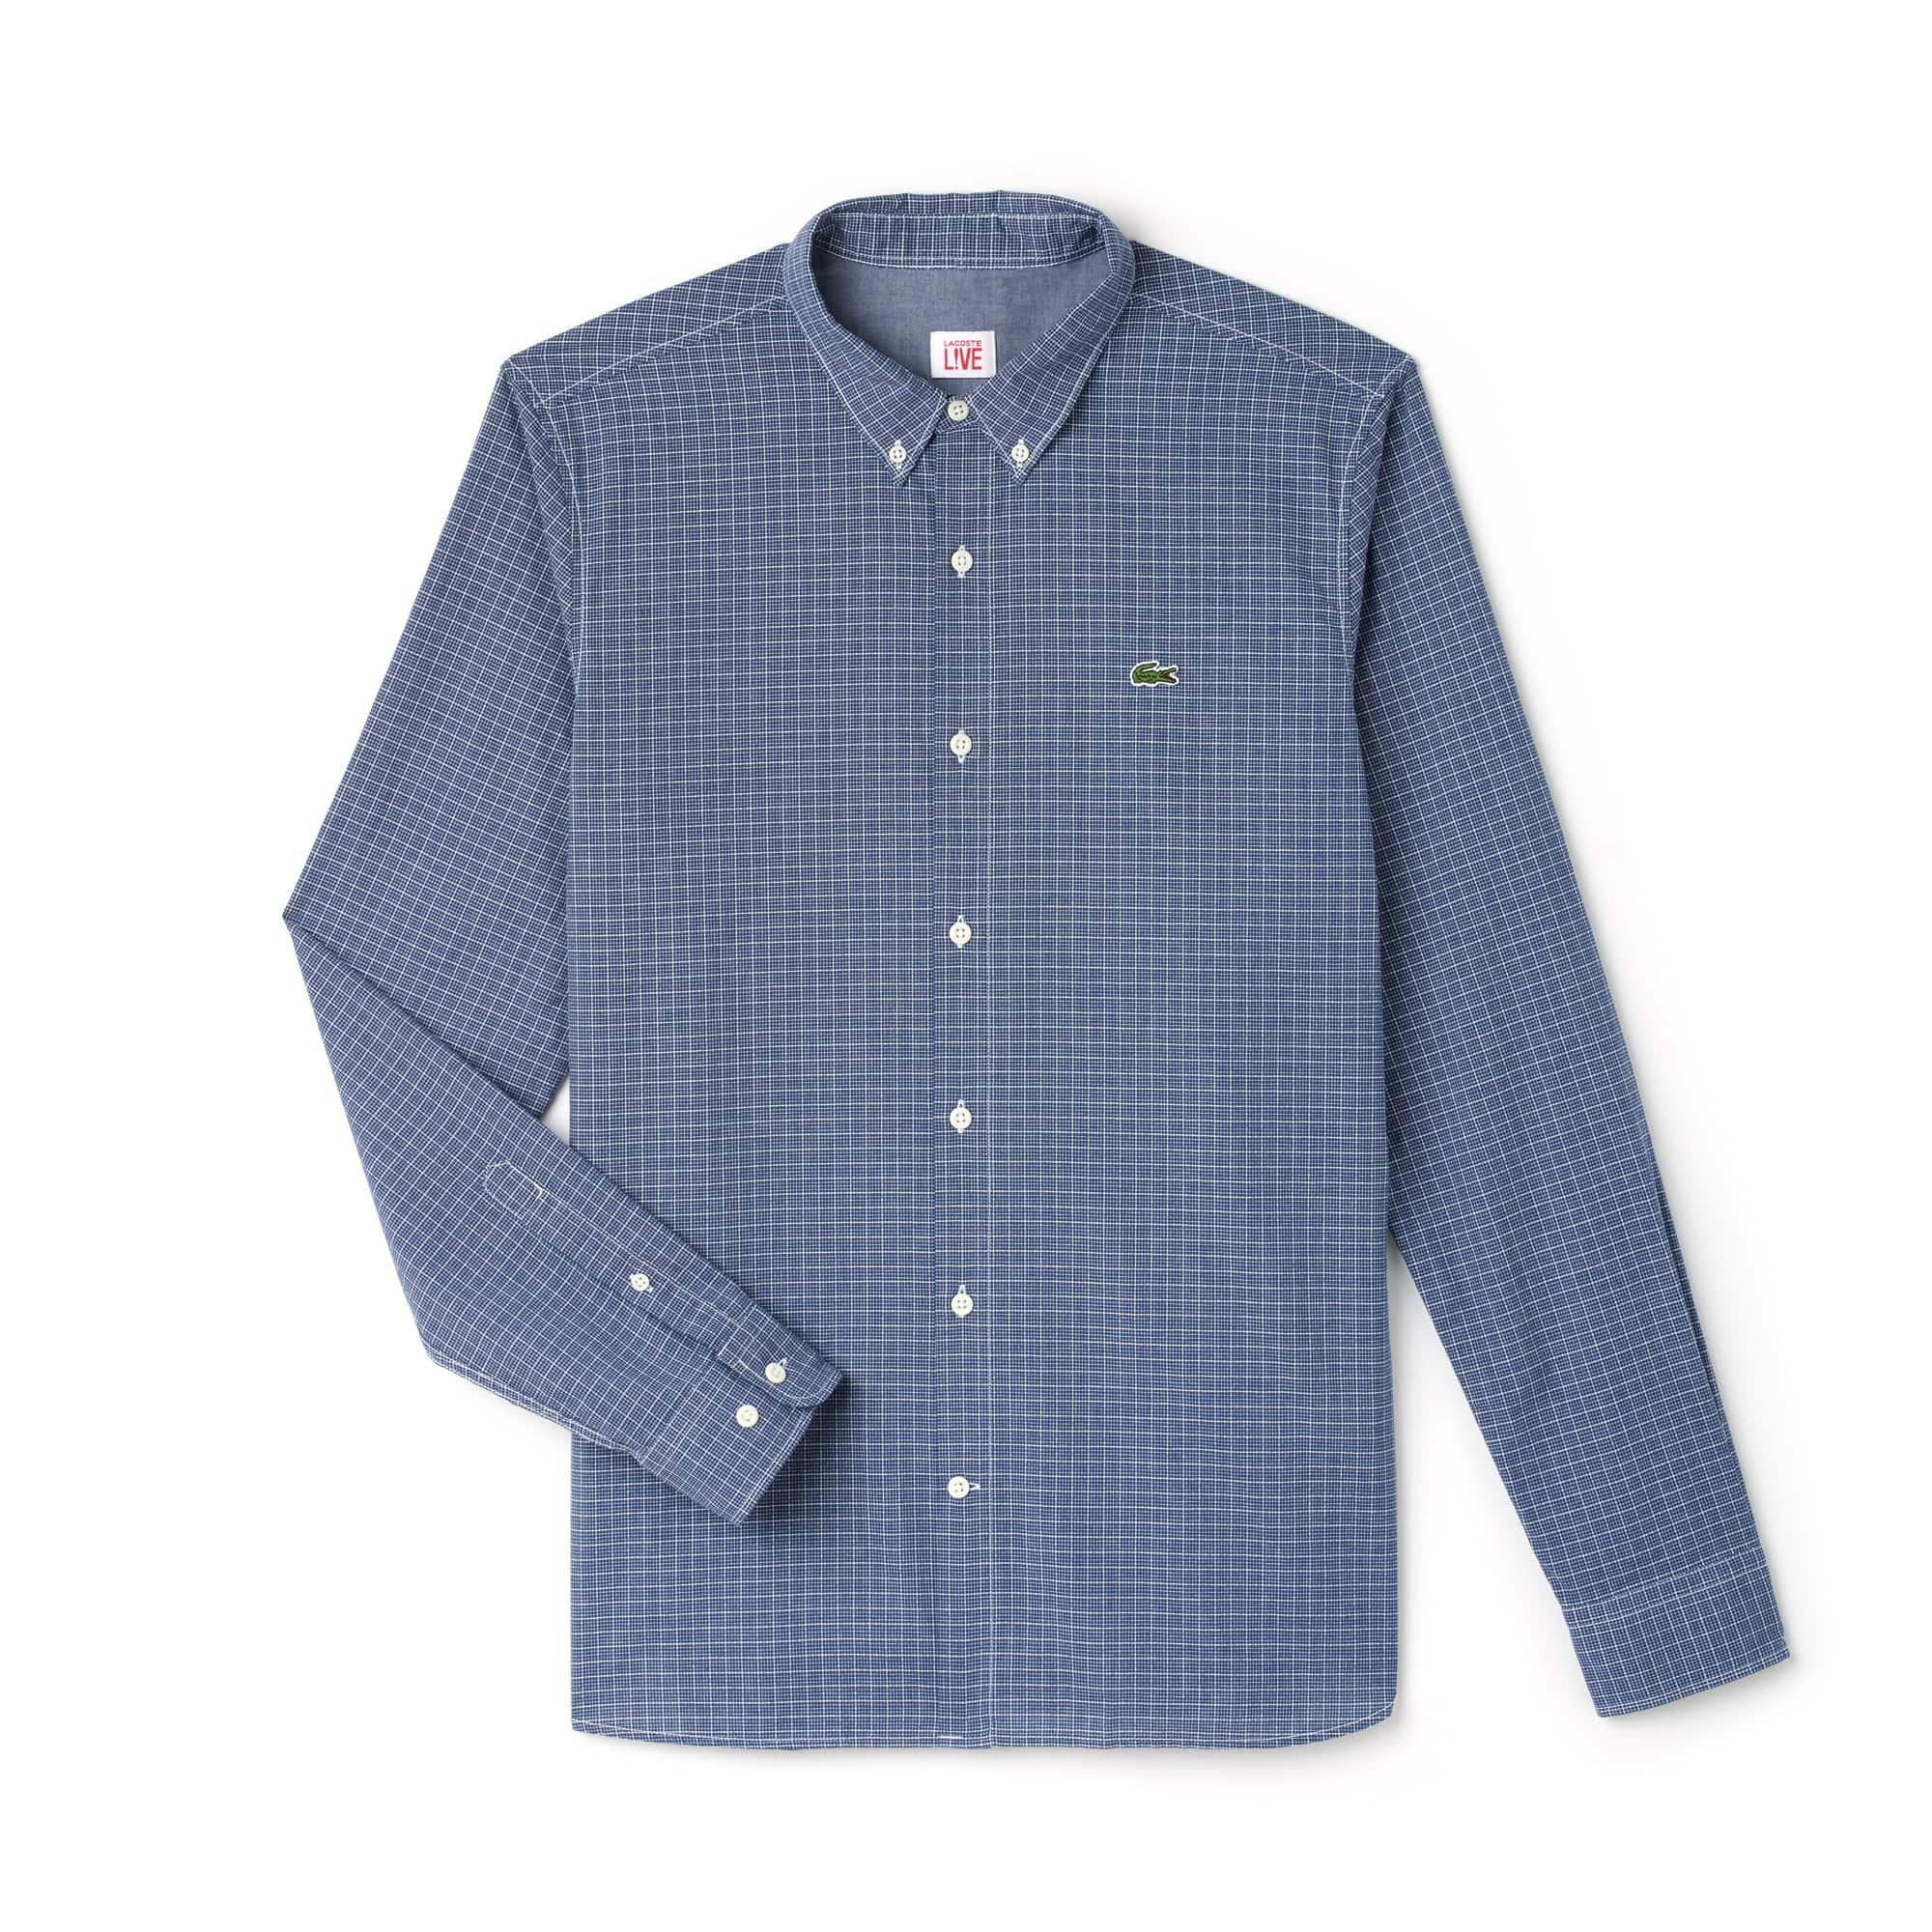 Camisa slim fit Lacoste LIVE em fil-à-fil de algodão aos quadrados